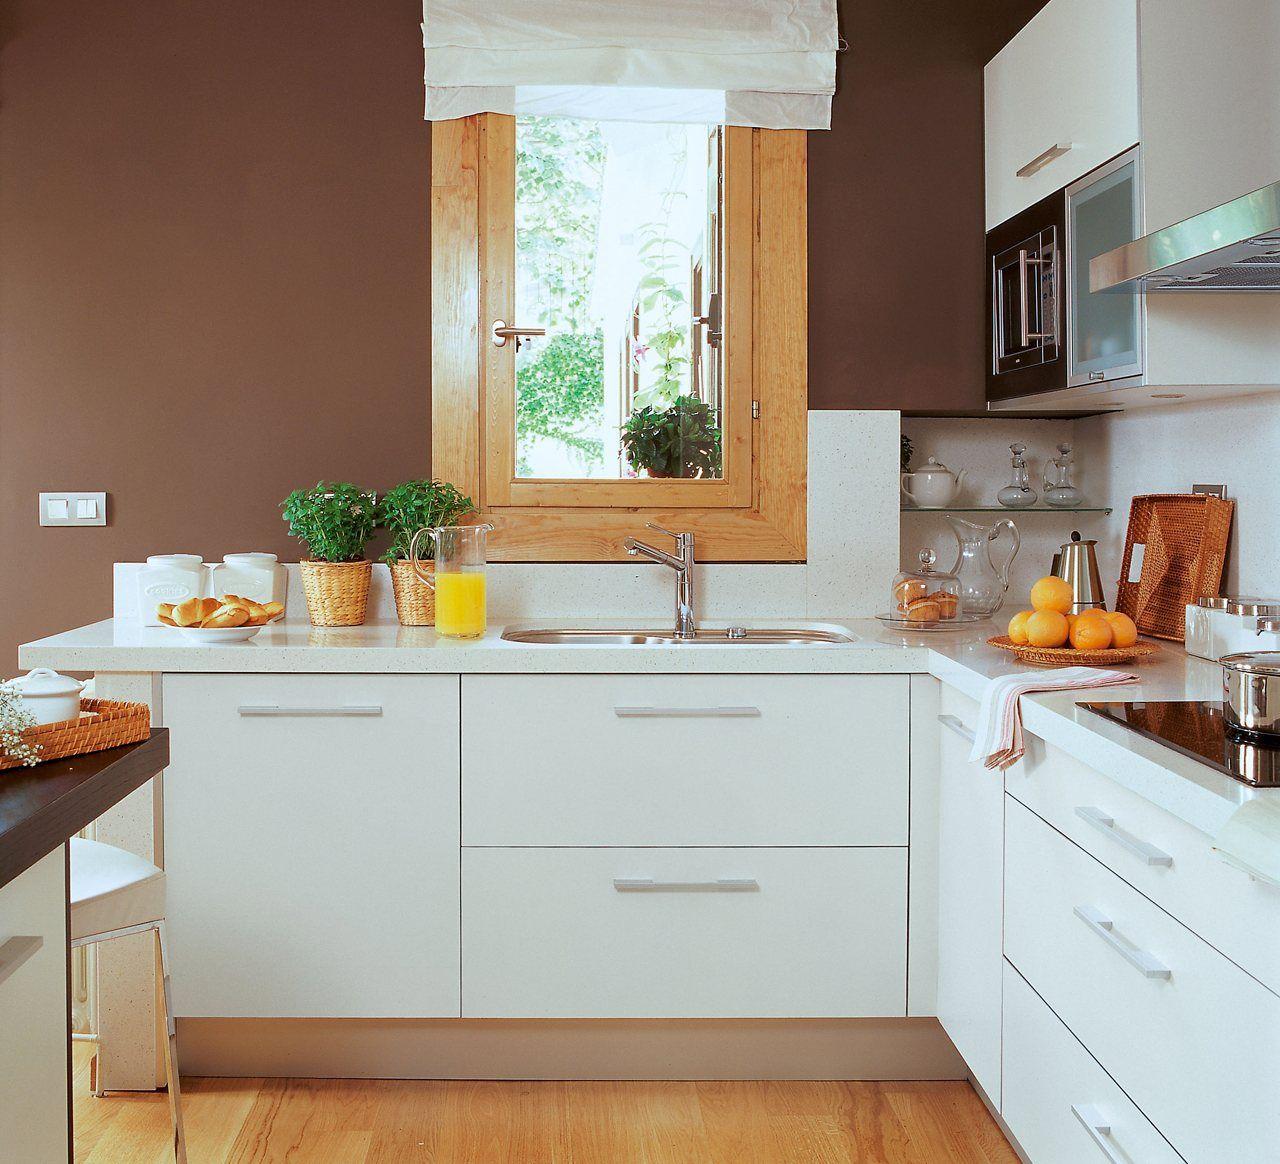 Buenas ideas para cocinas pequeñas | Ideas para cocinas pequeñas ...